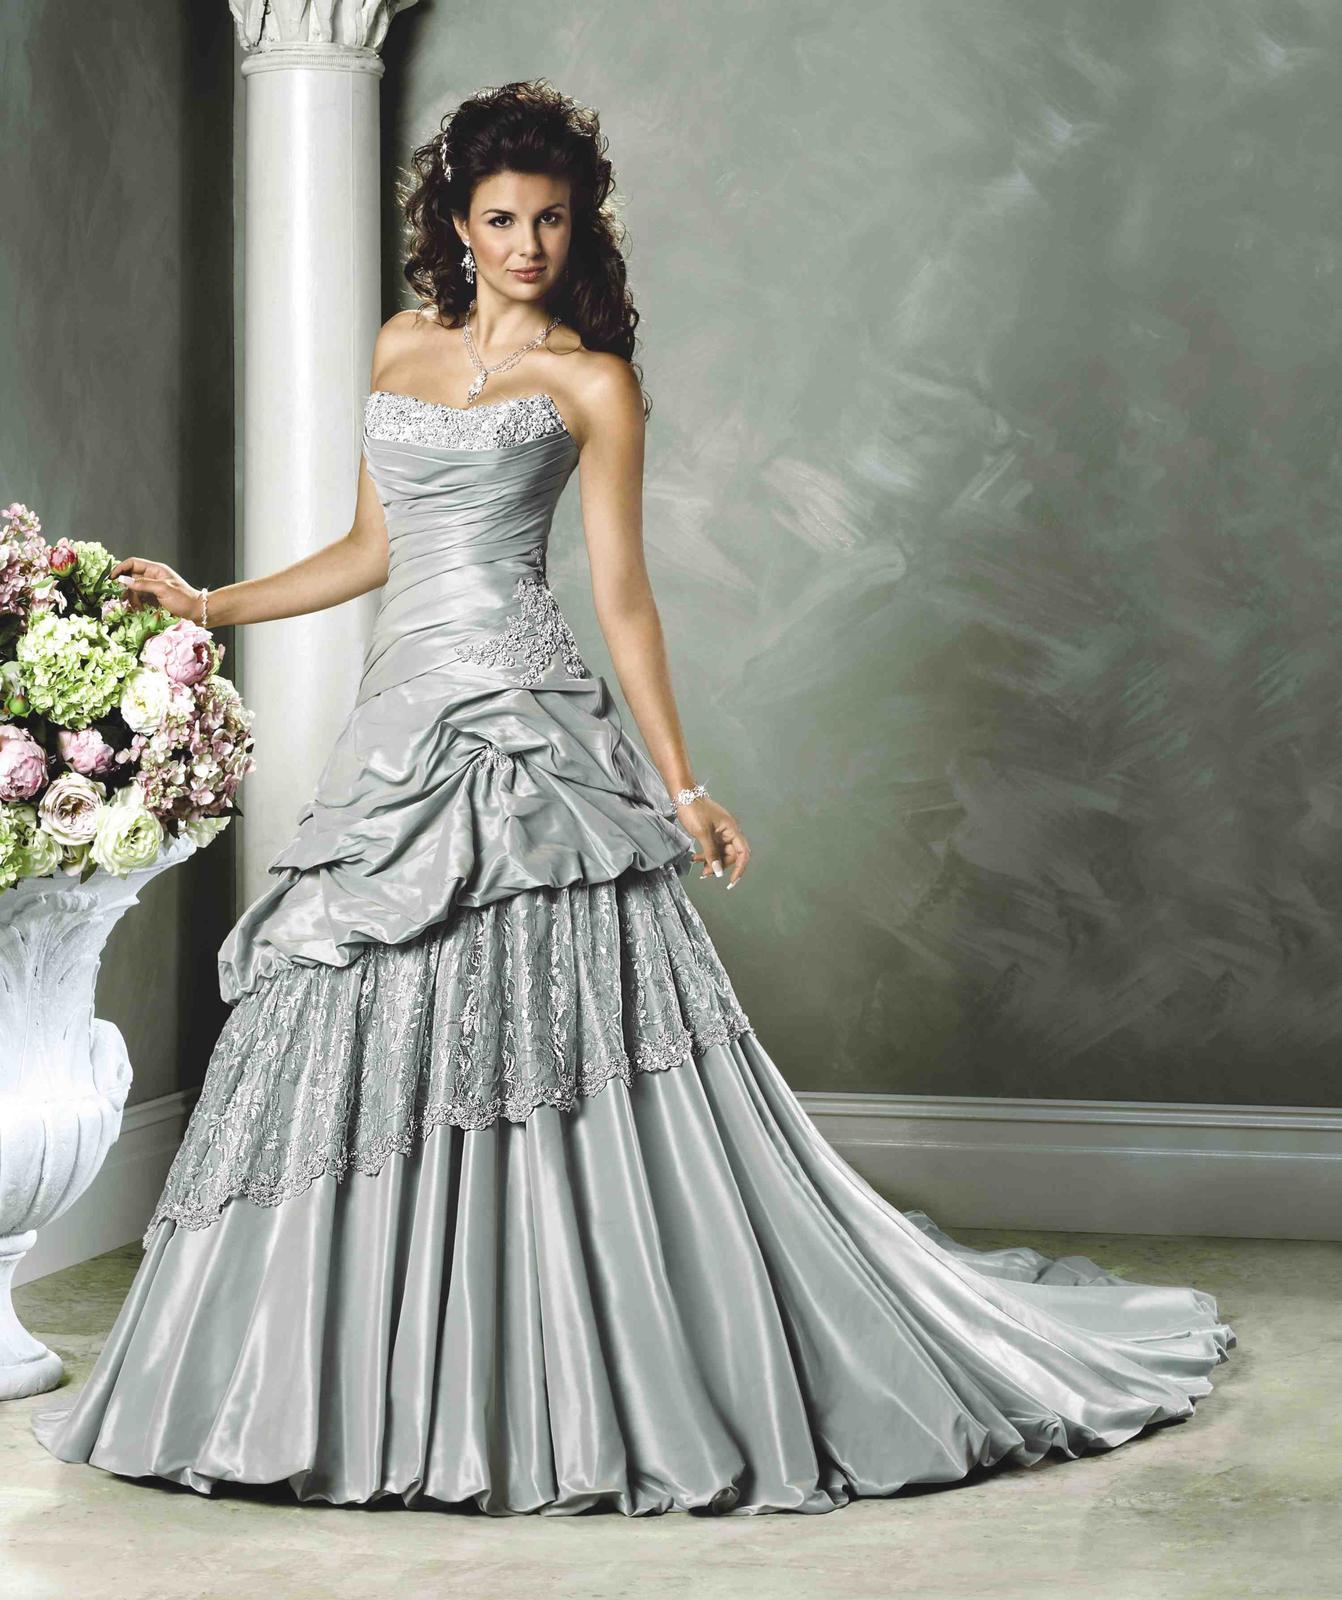 Svadobné šaty Maggie Sottero - model Nouvel - Obrázok č. 1